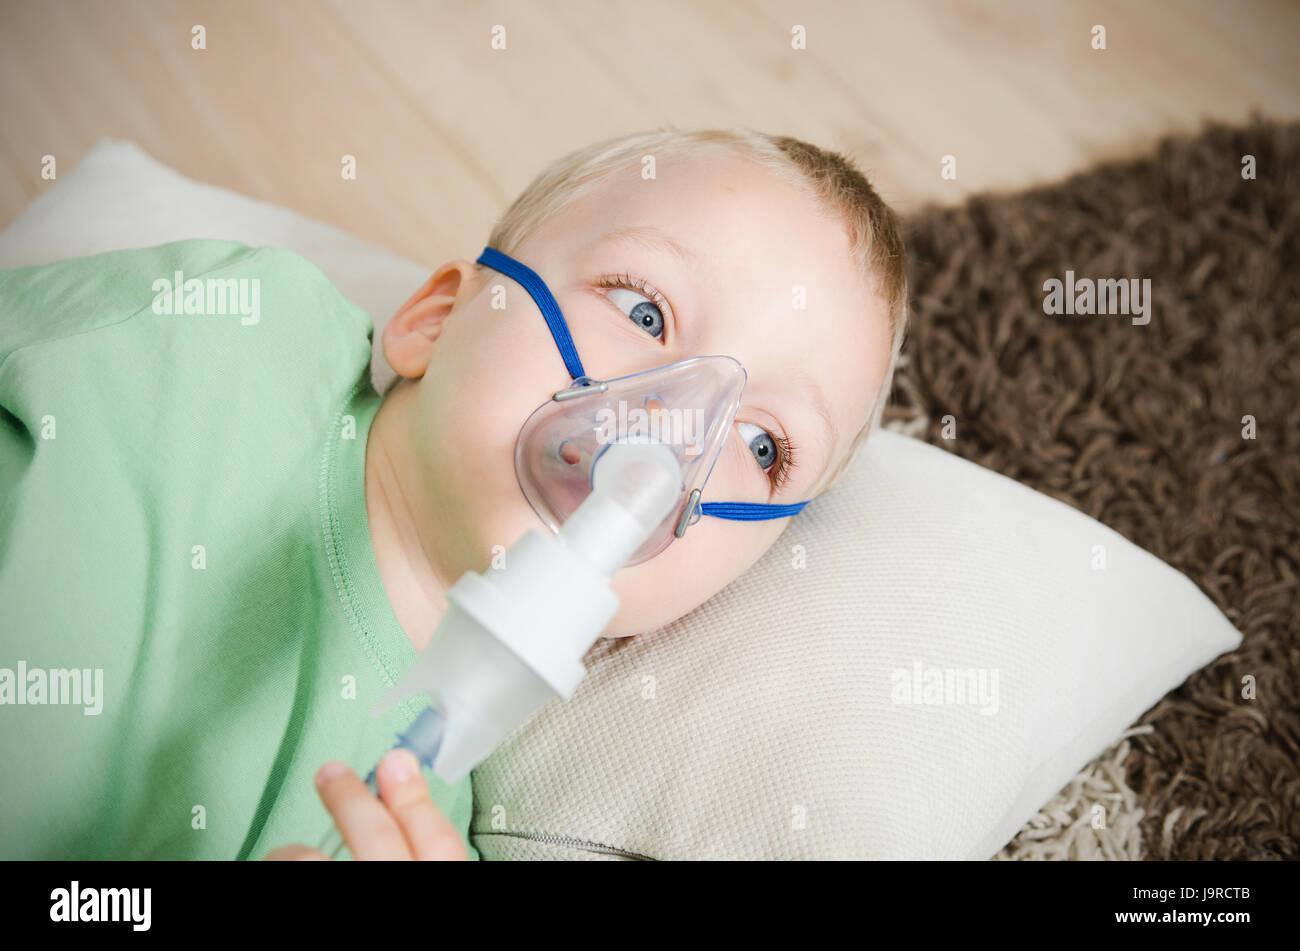 Child Oxygen Mask Stock Photos Amp Child Oxygen Mask Stock